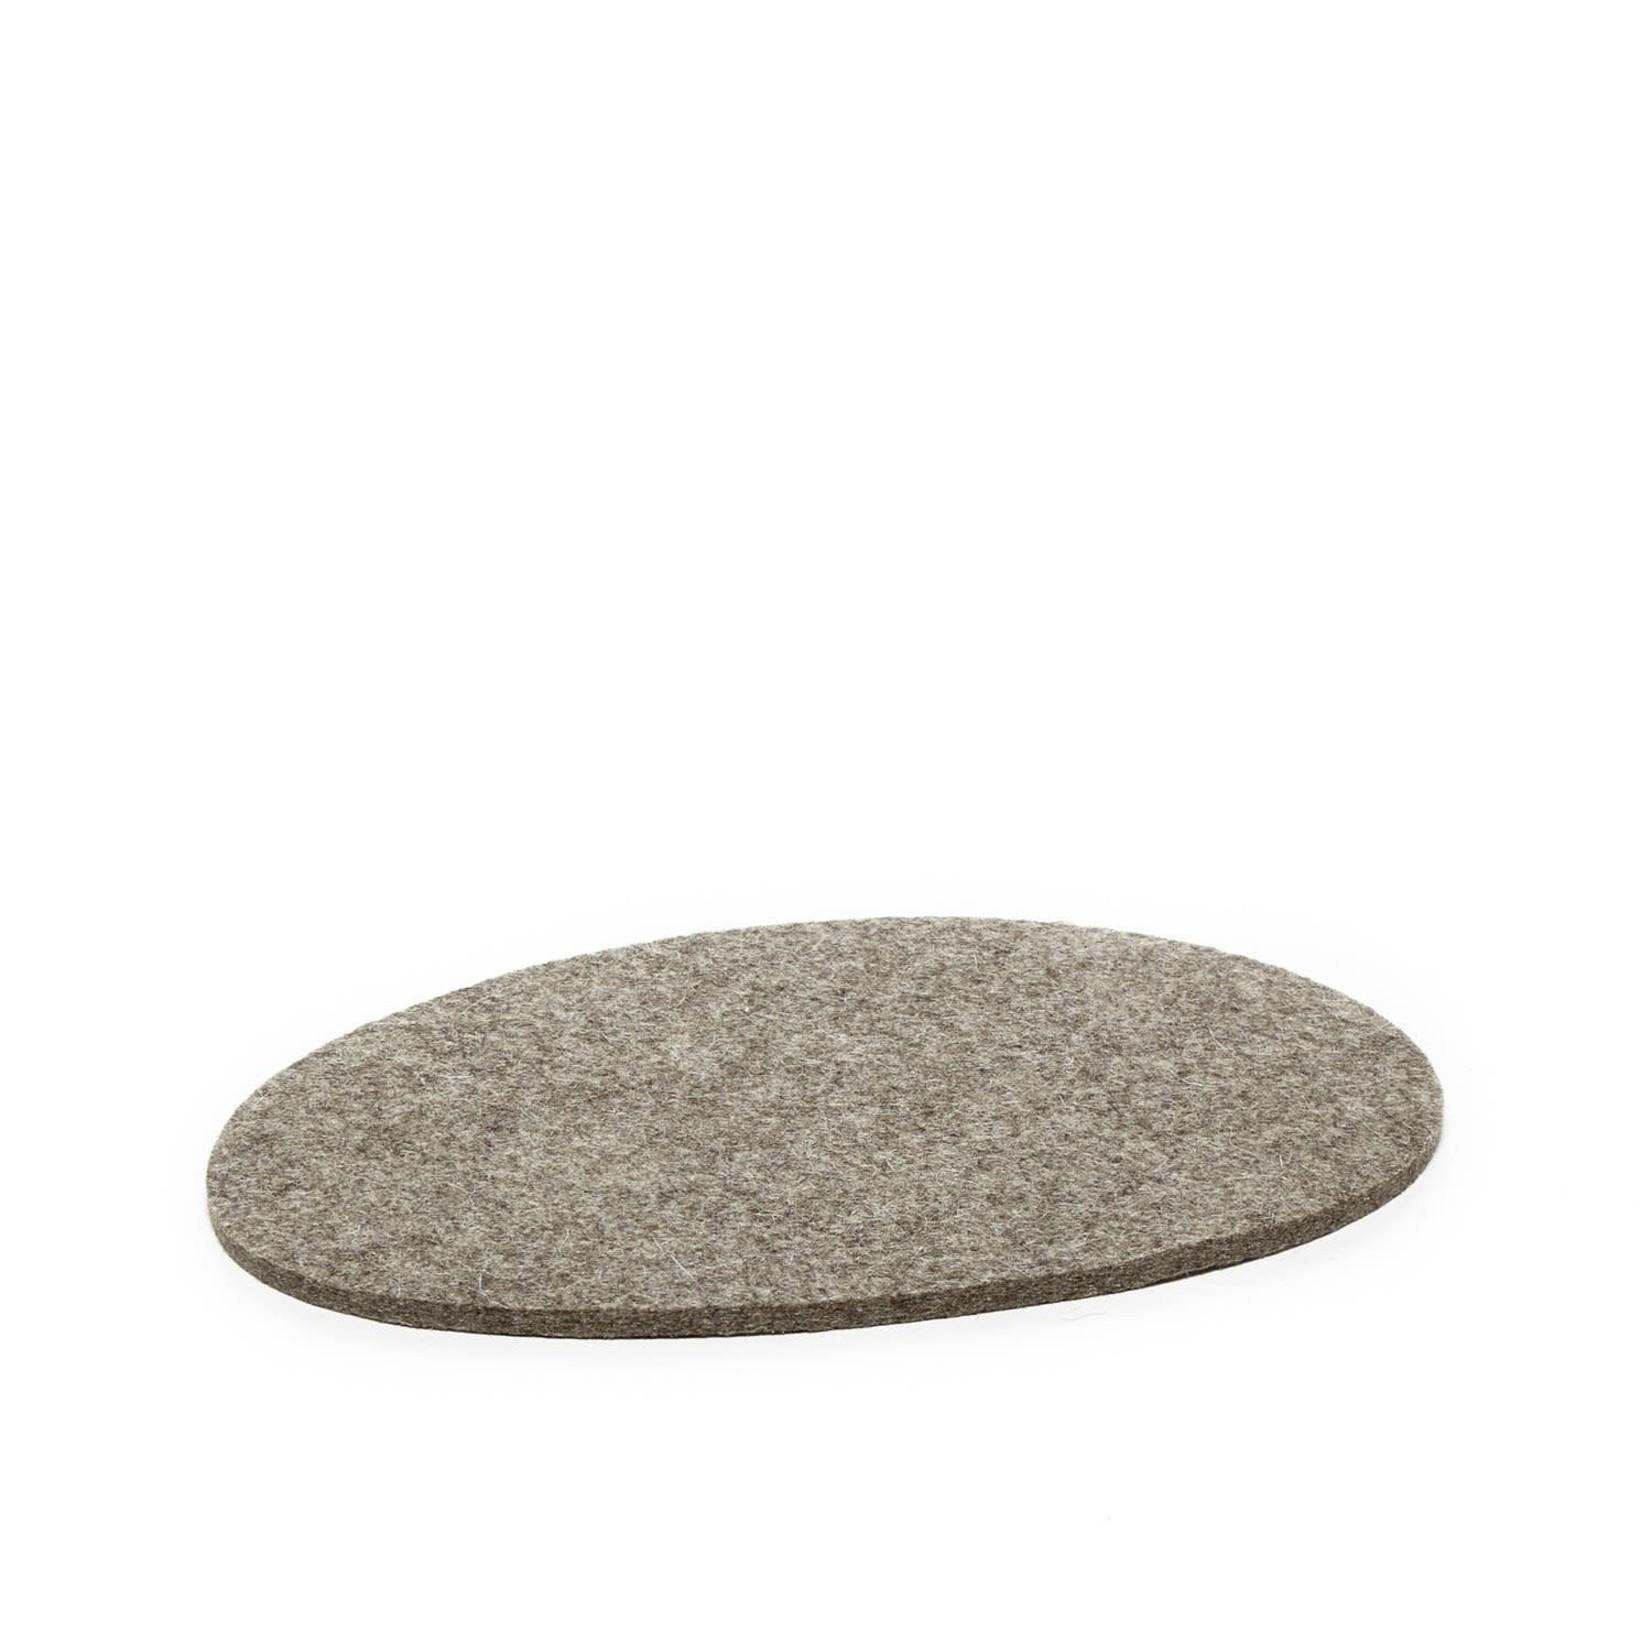 Graf & Lantz Graf & Lantz Felt Stone Trivet Medium